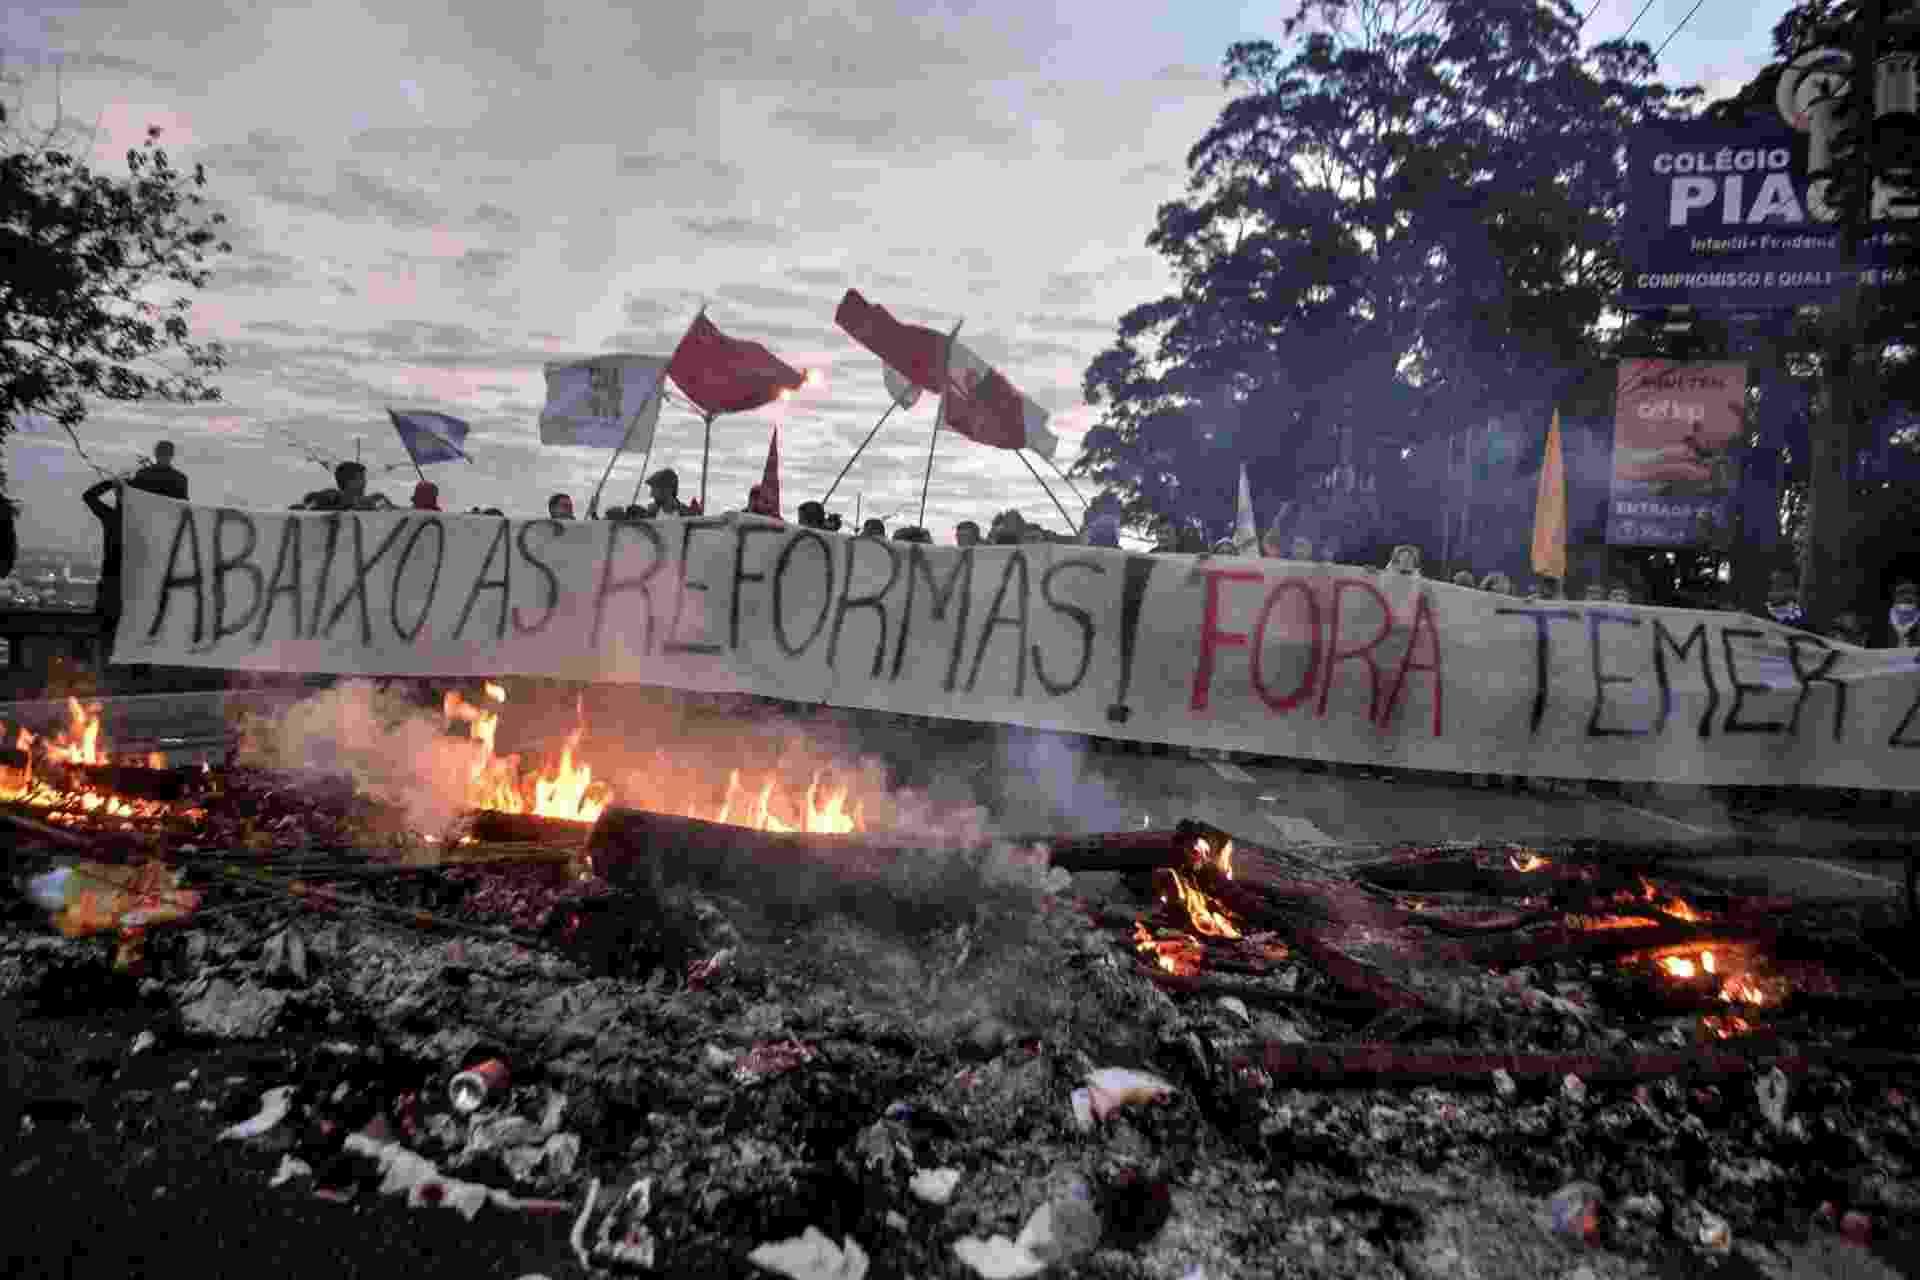 30.jun.2017 - Manifestação contrária às reformas defendidas pelo governo do presidente Michel Temer (PMDB) bloqueia uma faixa da rodovia Anchieta, no sentido São Paulo, na altura do quilômetro 16, em São Bernardo do Campo - JORGE FERREIRA/FUTURA PRESS/ESTADÃO CONTEÚDO